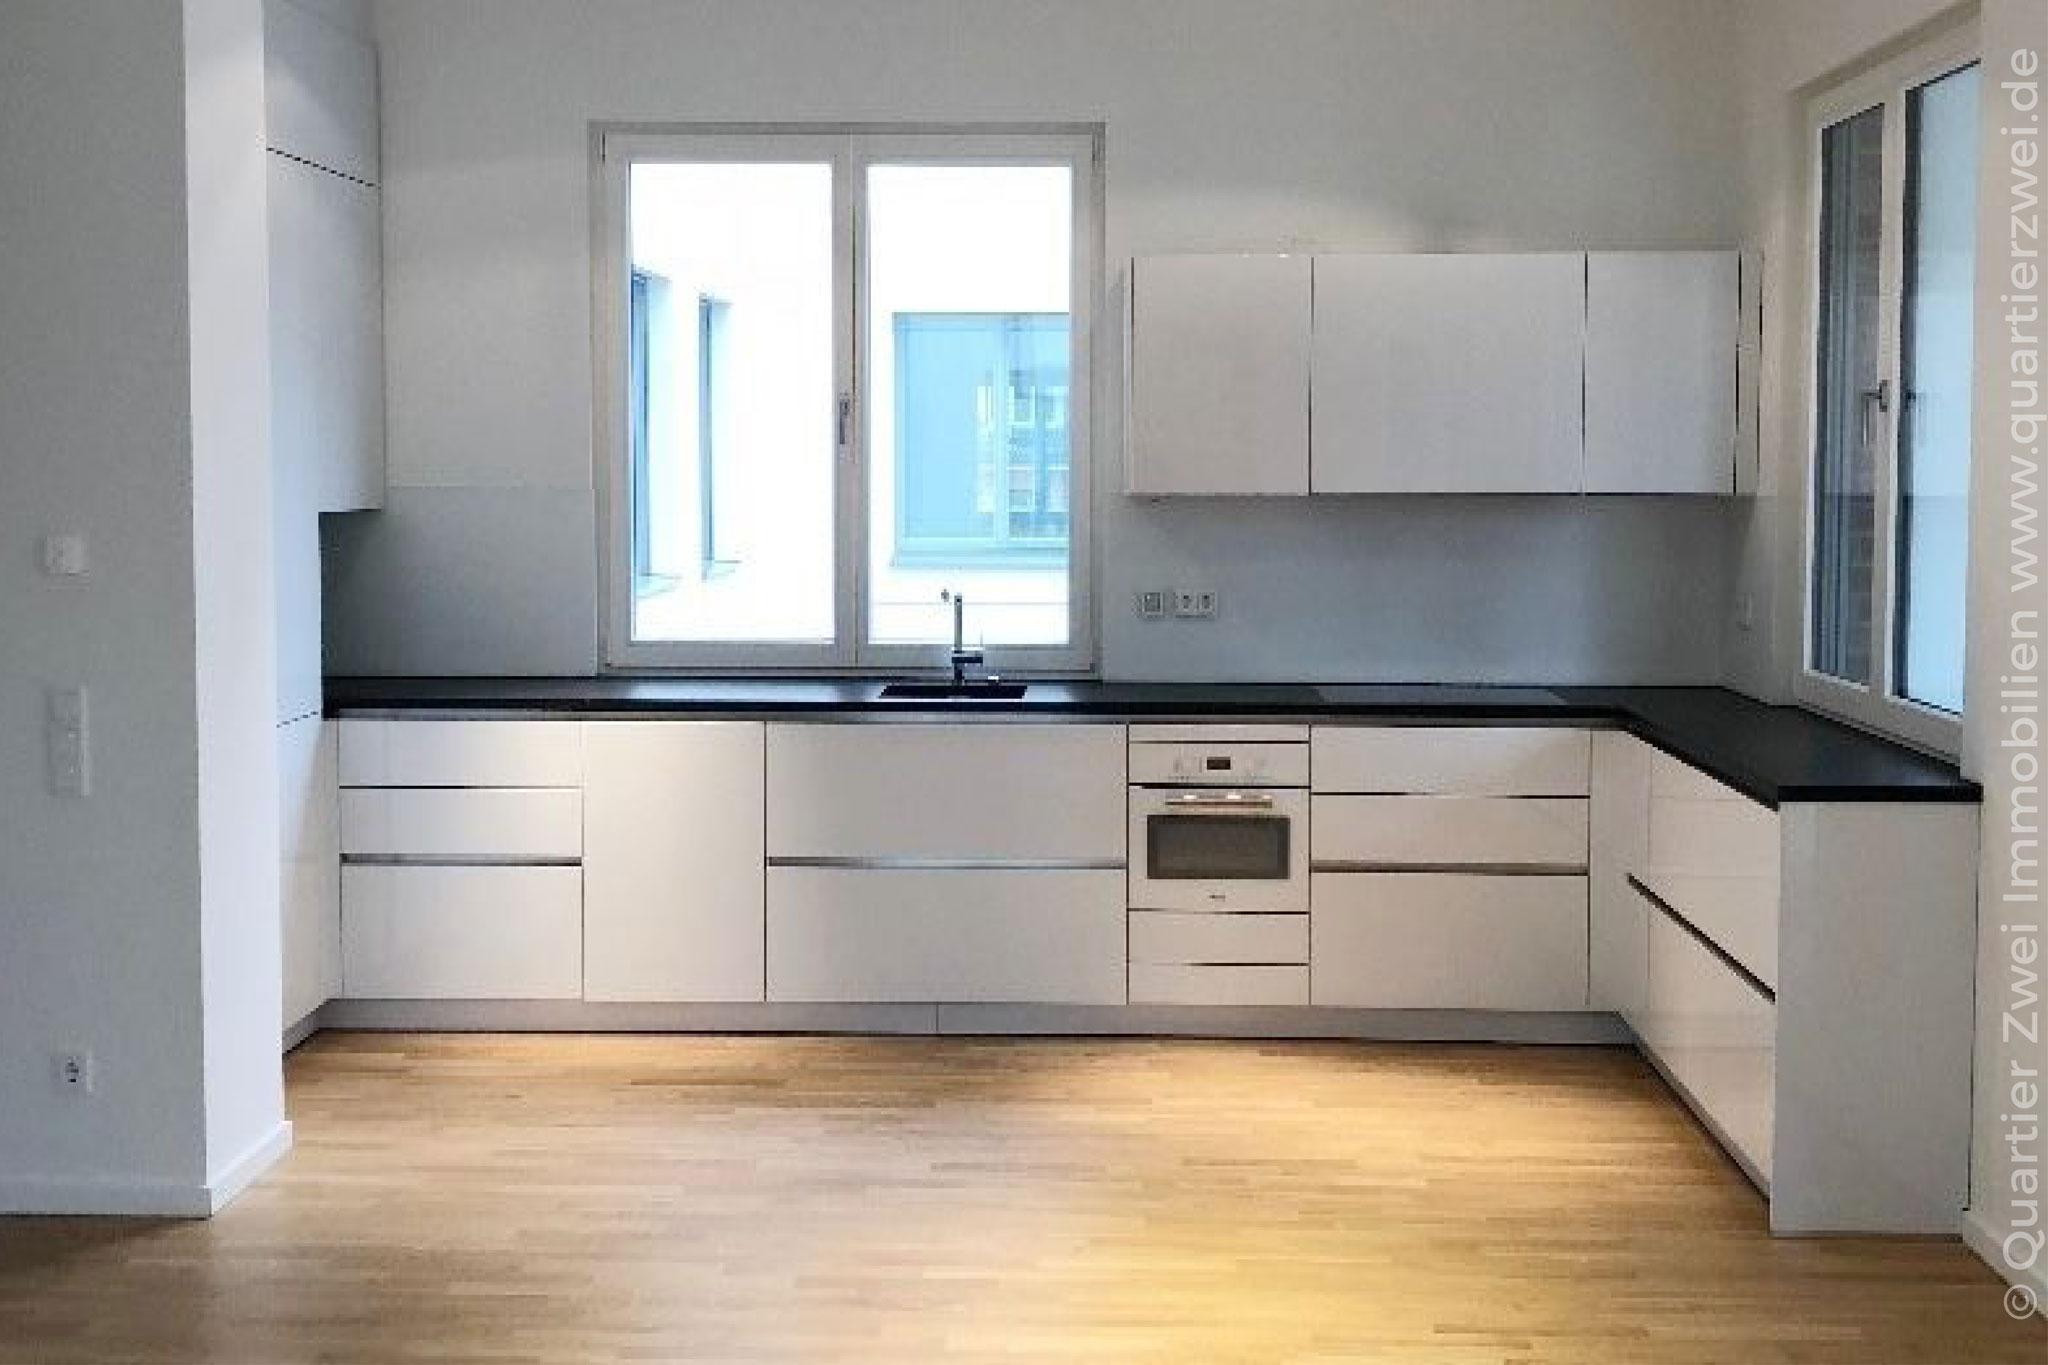 Ziemlich Küche Bad Designer Durchschnittliches Gehalt Bilder - Ideen ...